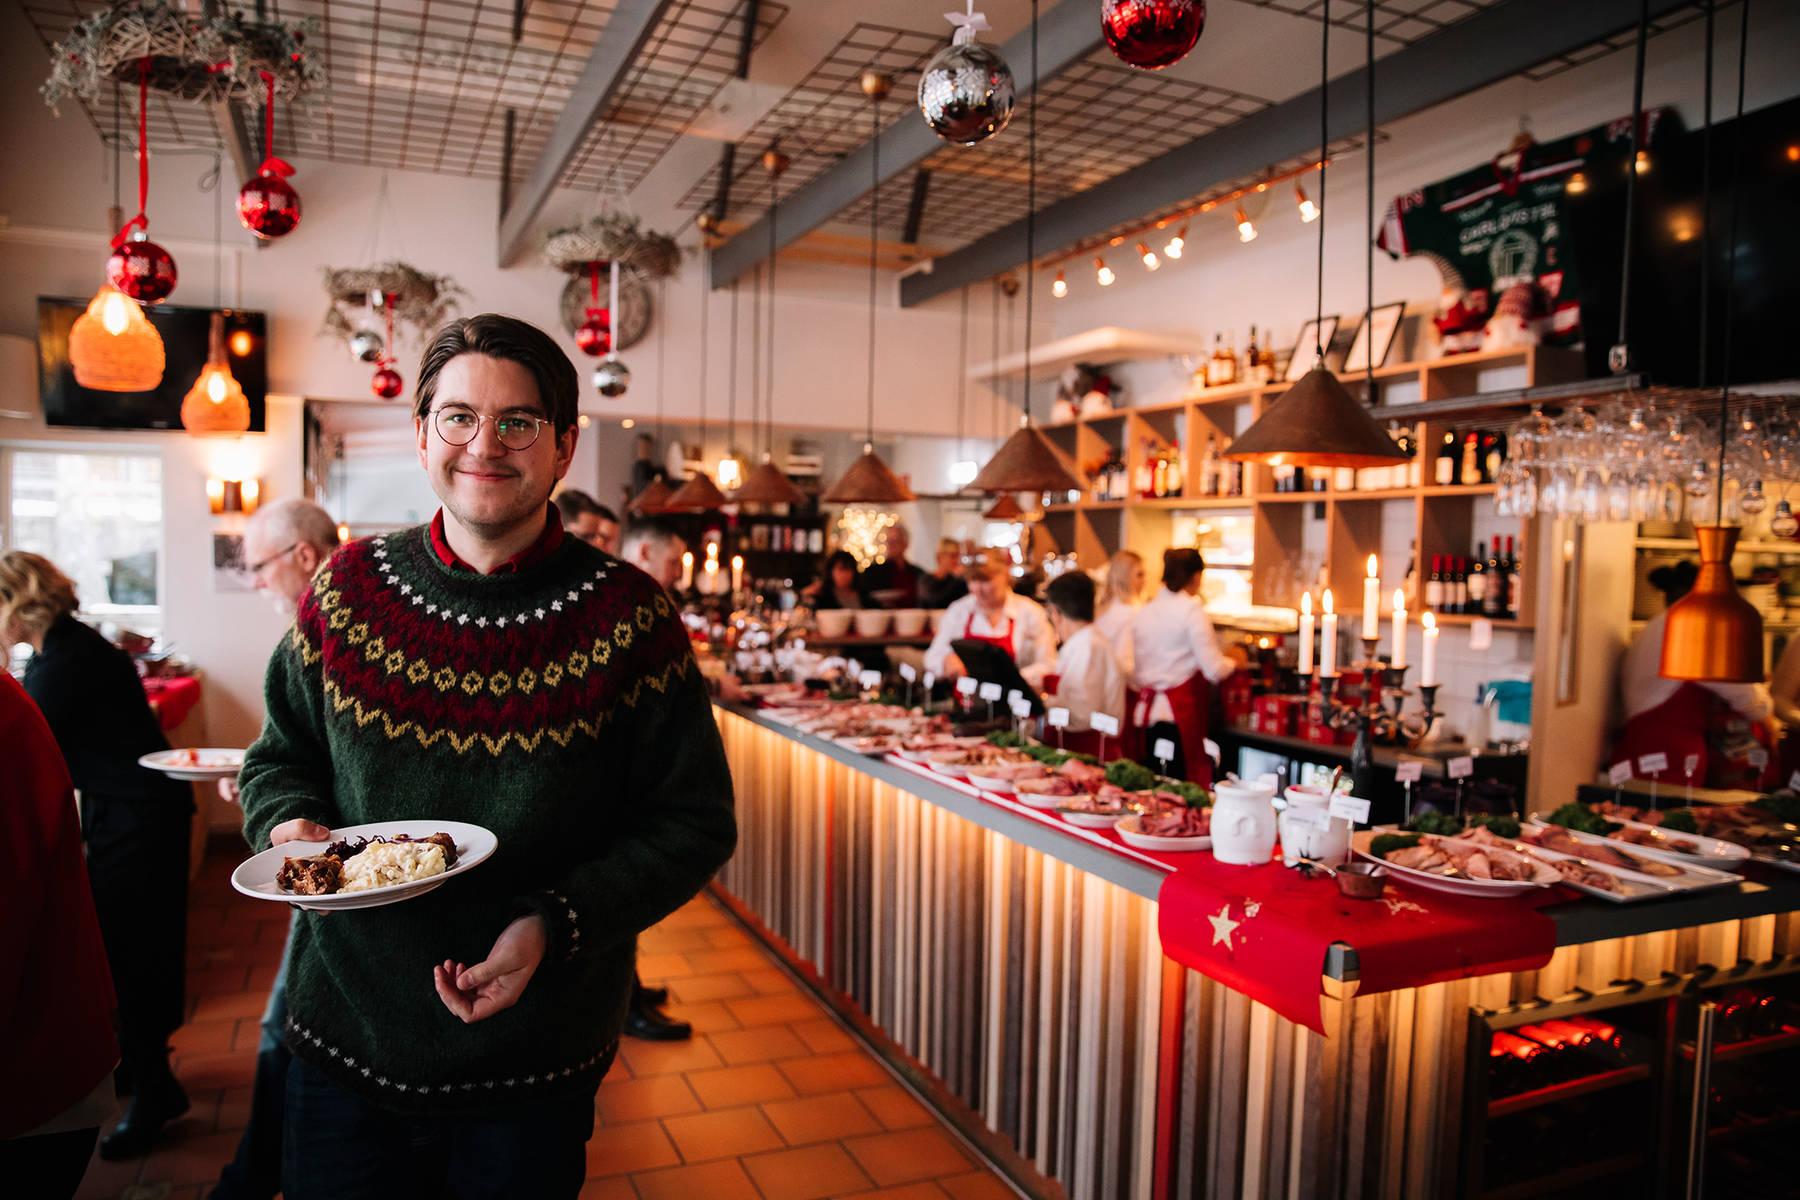 Das festliche Julbord von Korrö in Småland